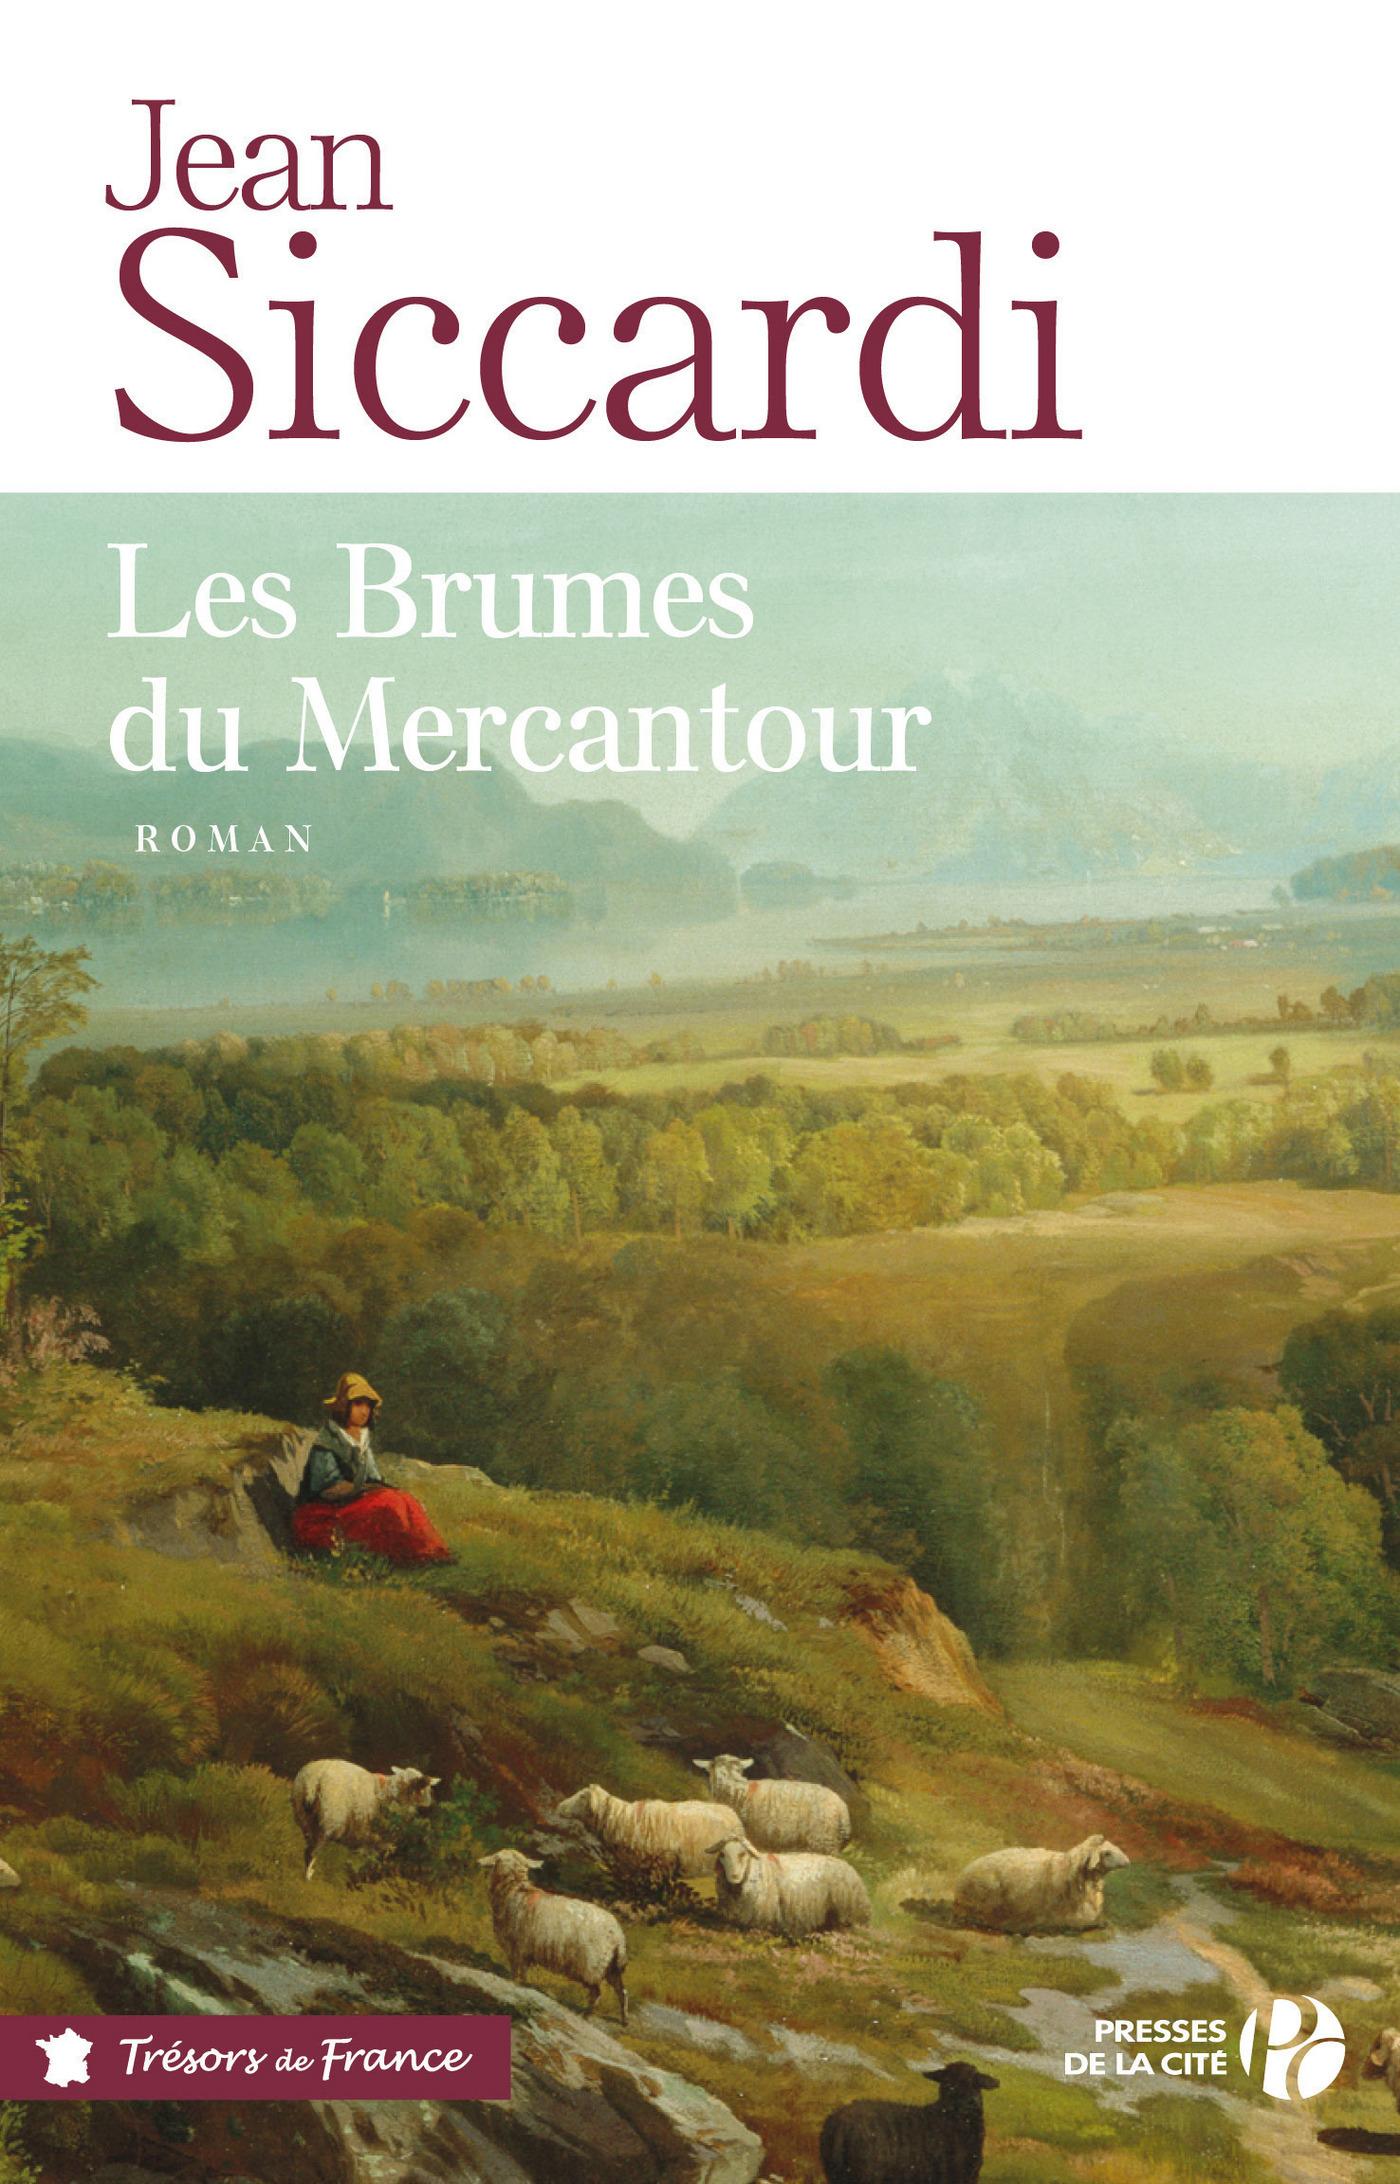 Les brumes du Mercantour | SICCARDI, Jean